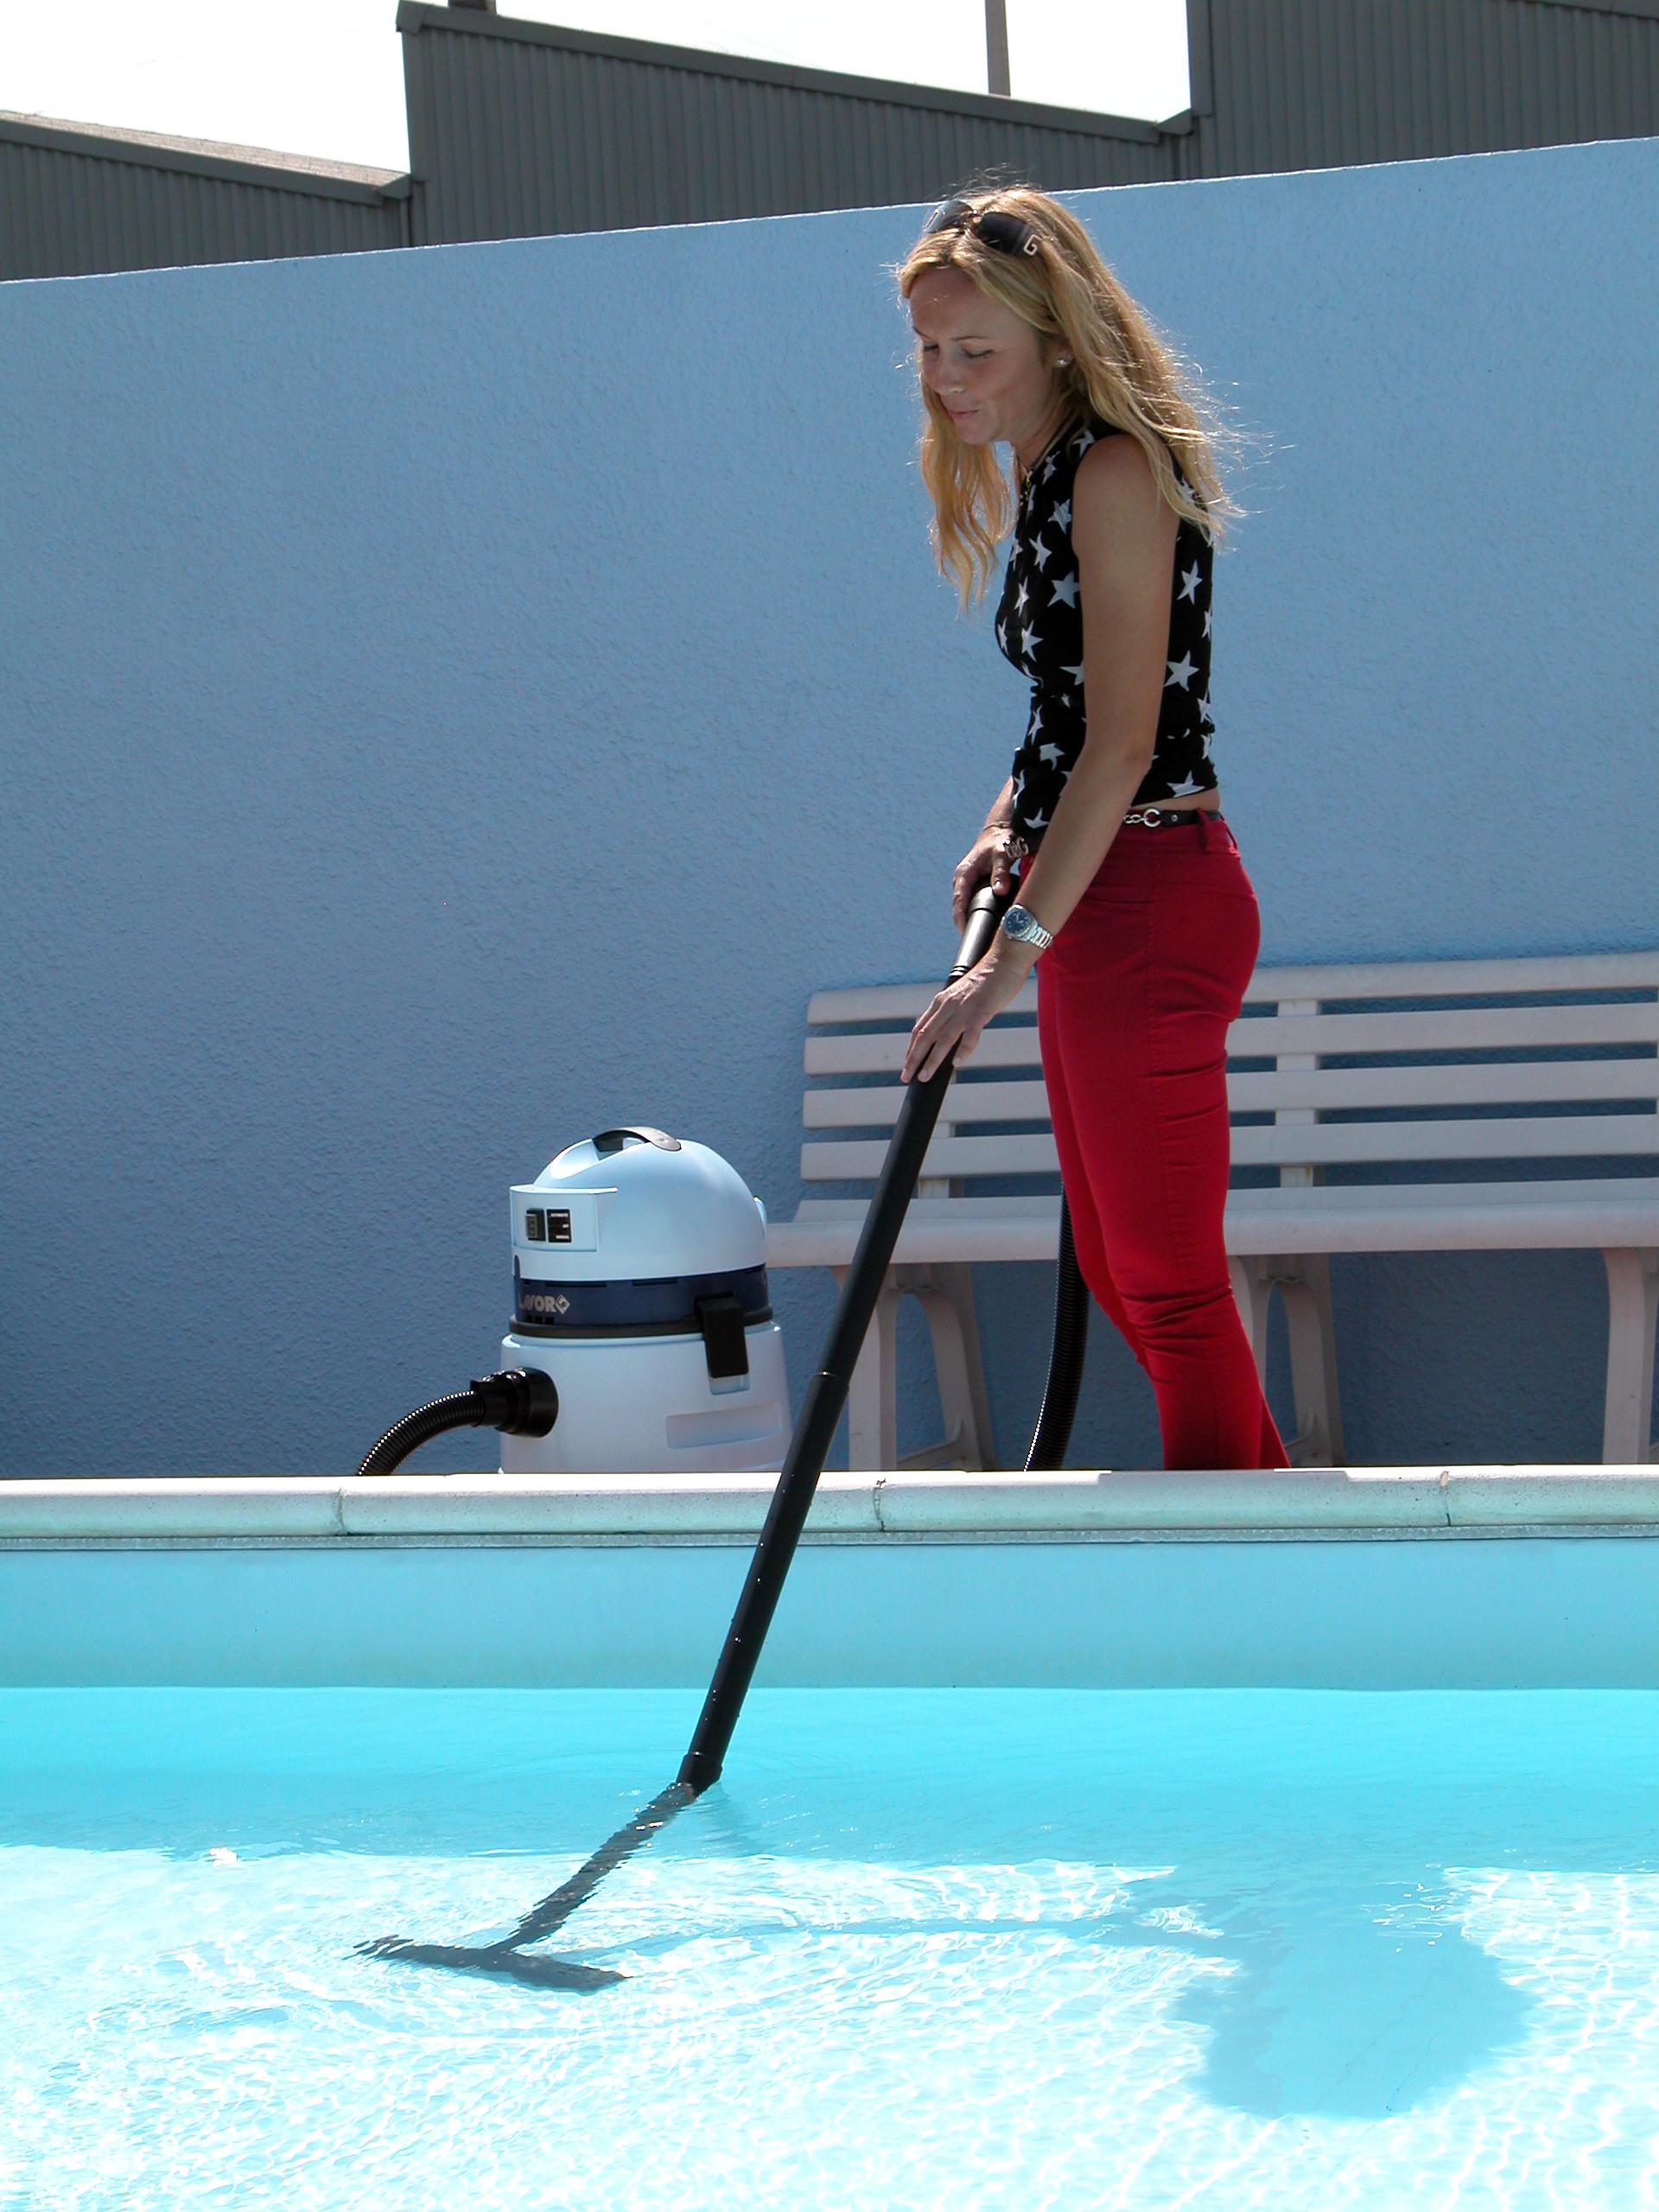 su agritechstore i migliori prodotti per la pulizia e il mantenimento delle piscine